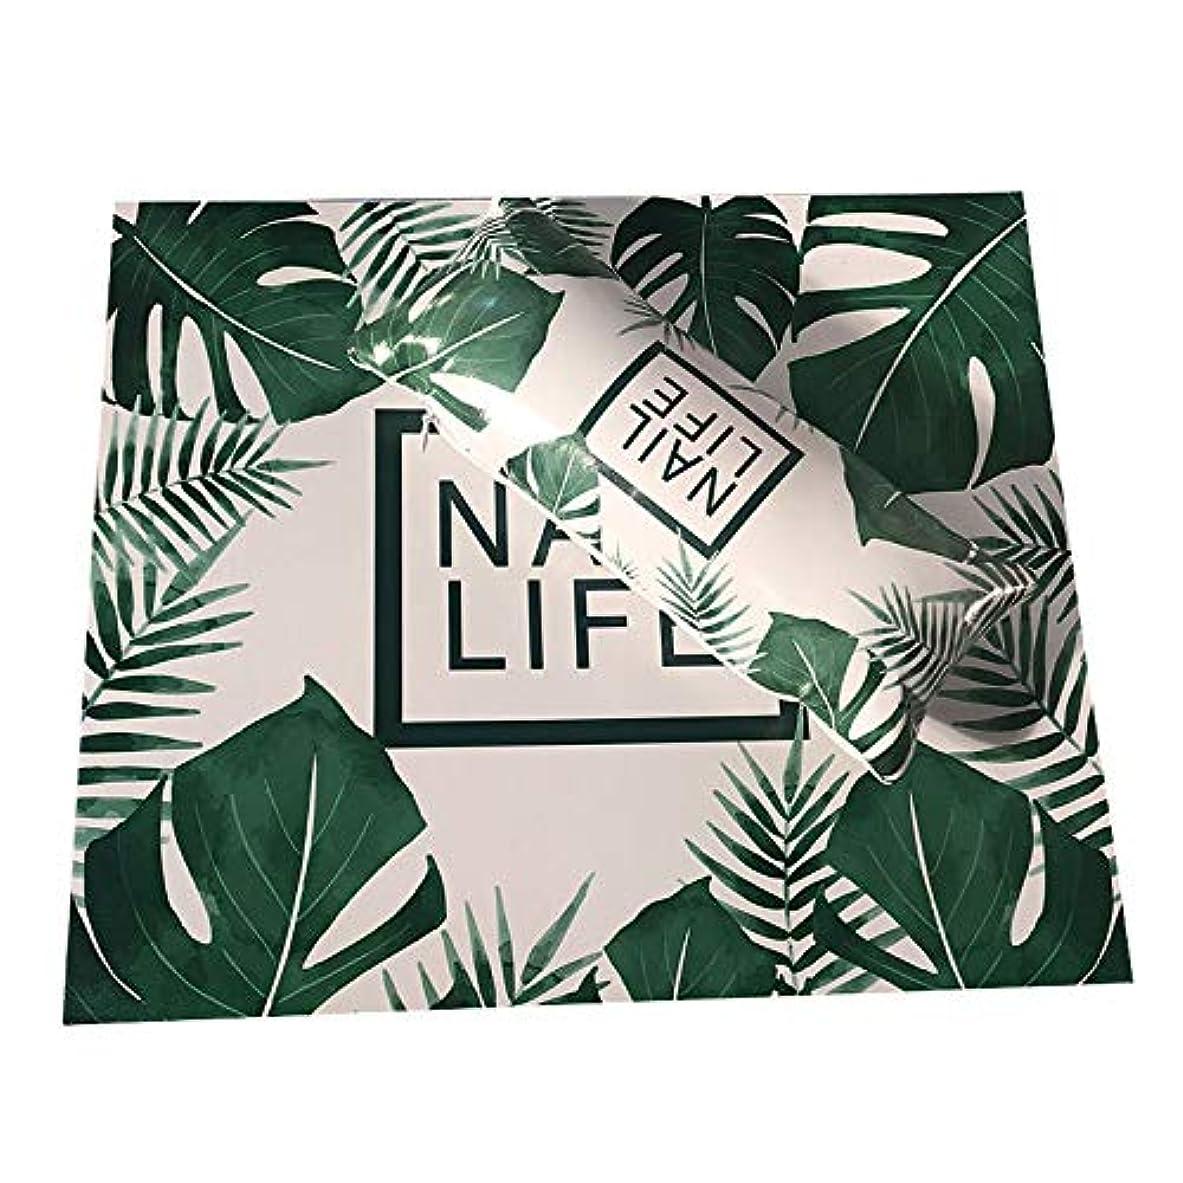 桁動かない一時停止TOOGOO ネイルアート用手枕のクッション、ネイルポリッシュのホルダー、ソフト、Puレザー、スポンジのアームレスト、ストライプのデザイン、サロンのマニキュア(植物#)